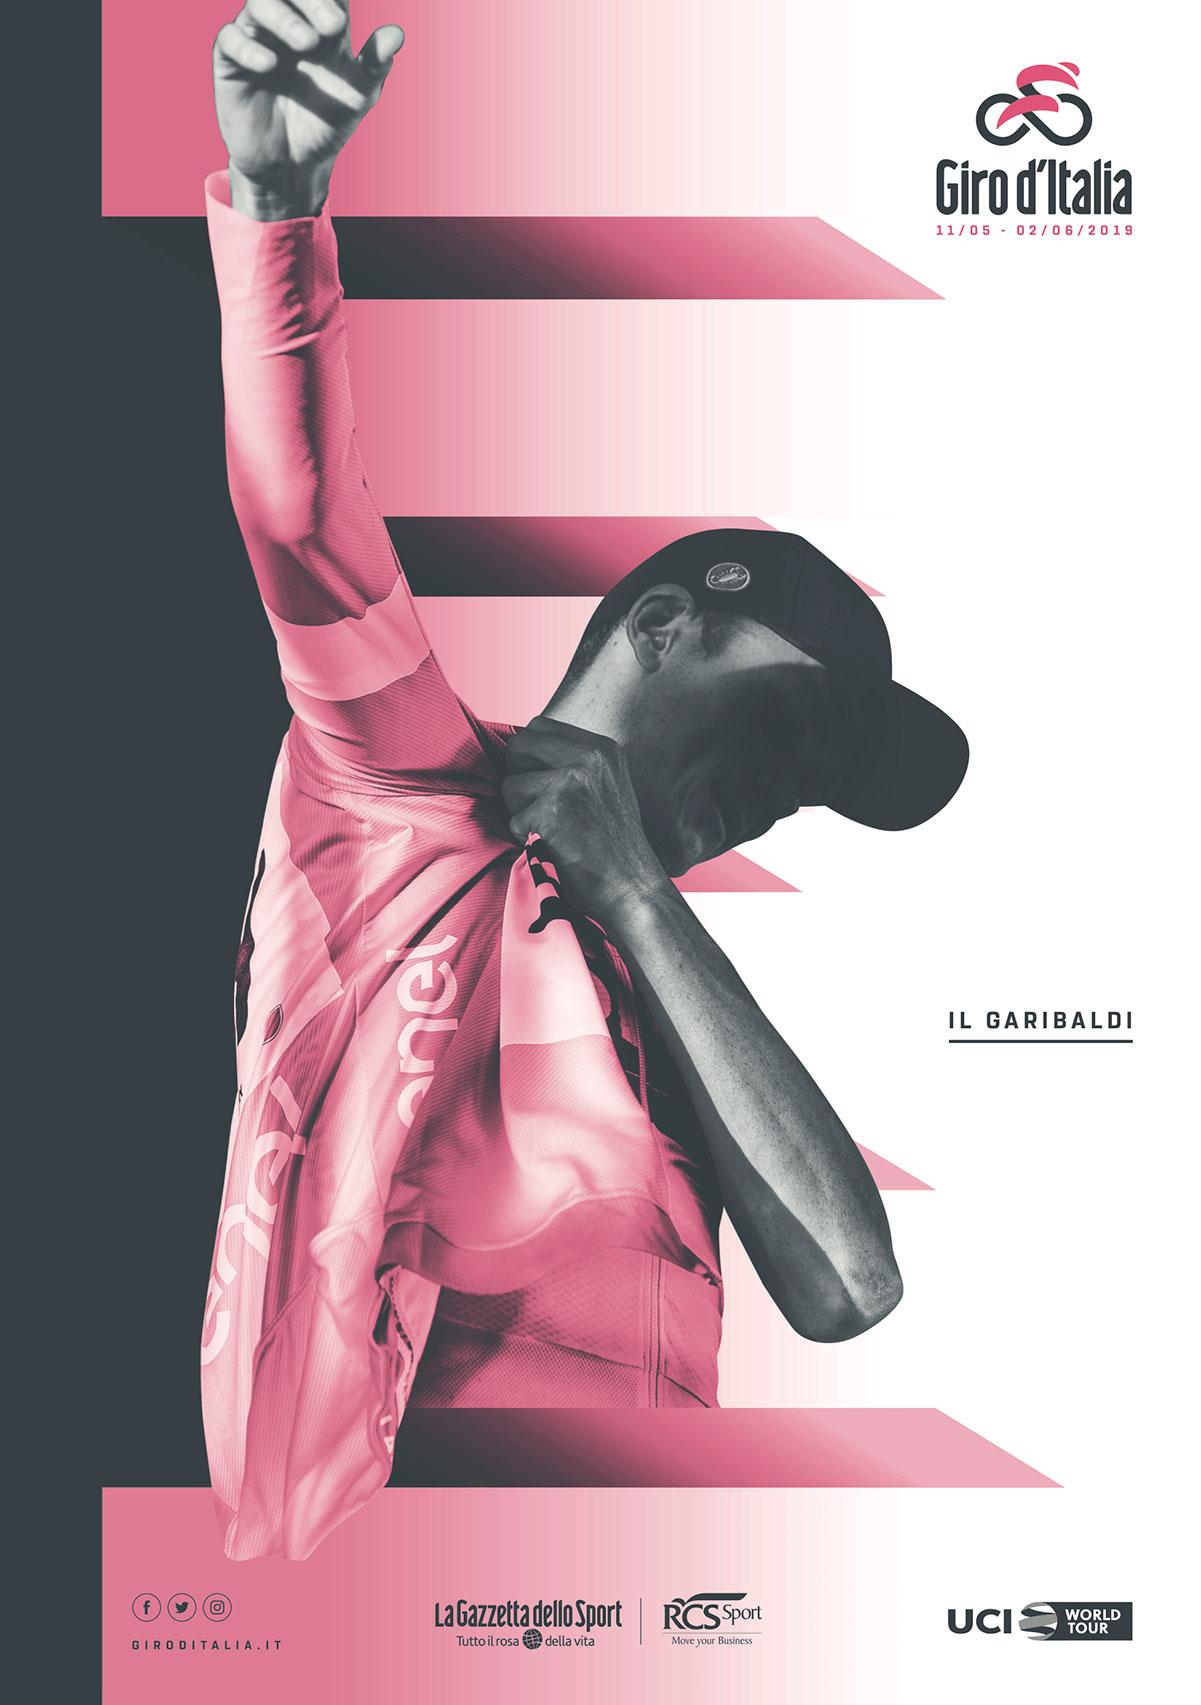 La copertina de Il Garibaldi del Giro d'Italia 2019